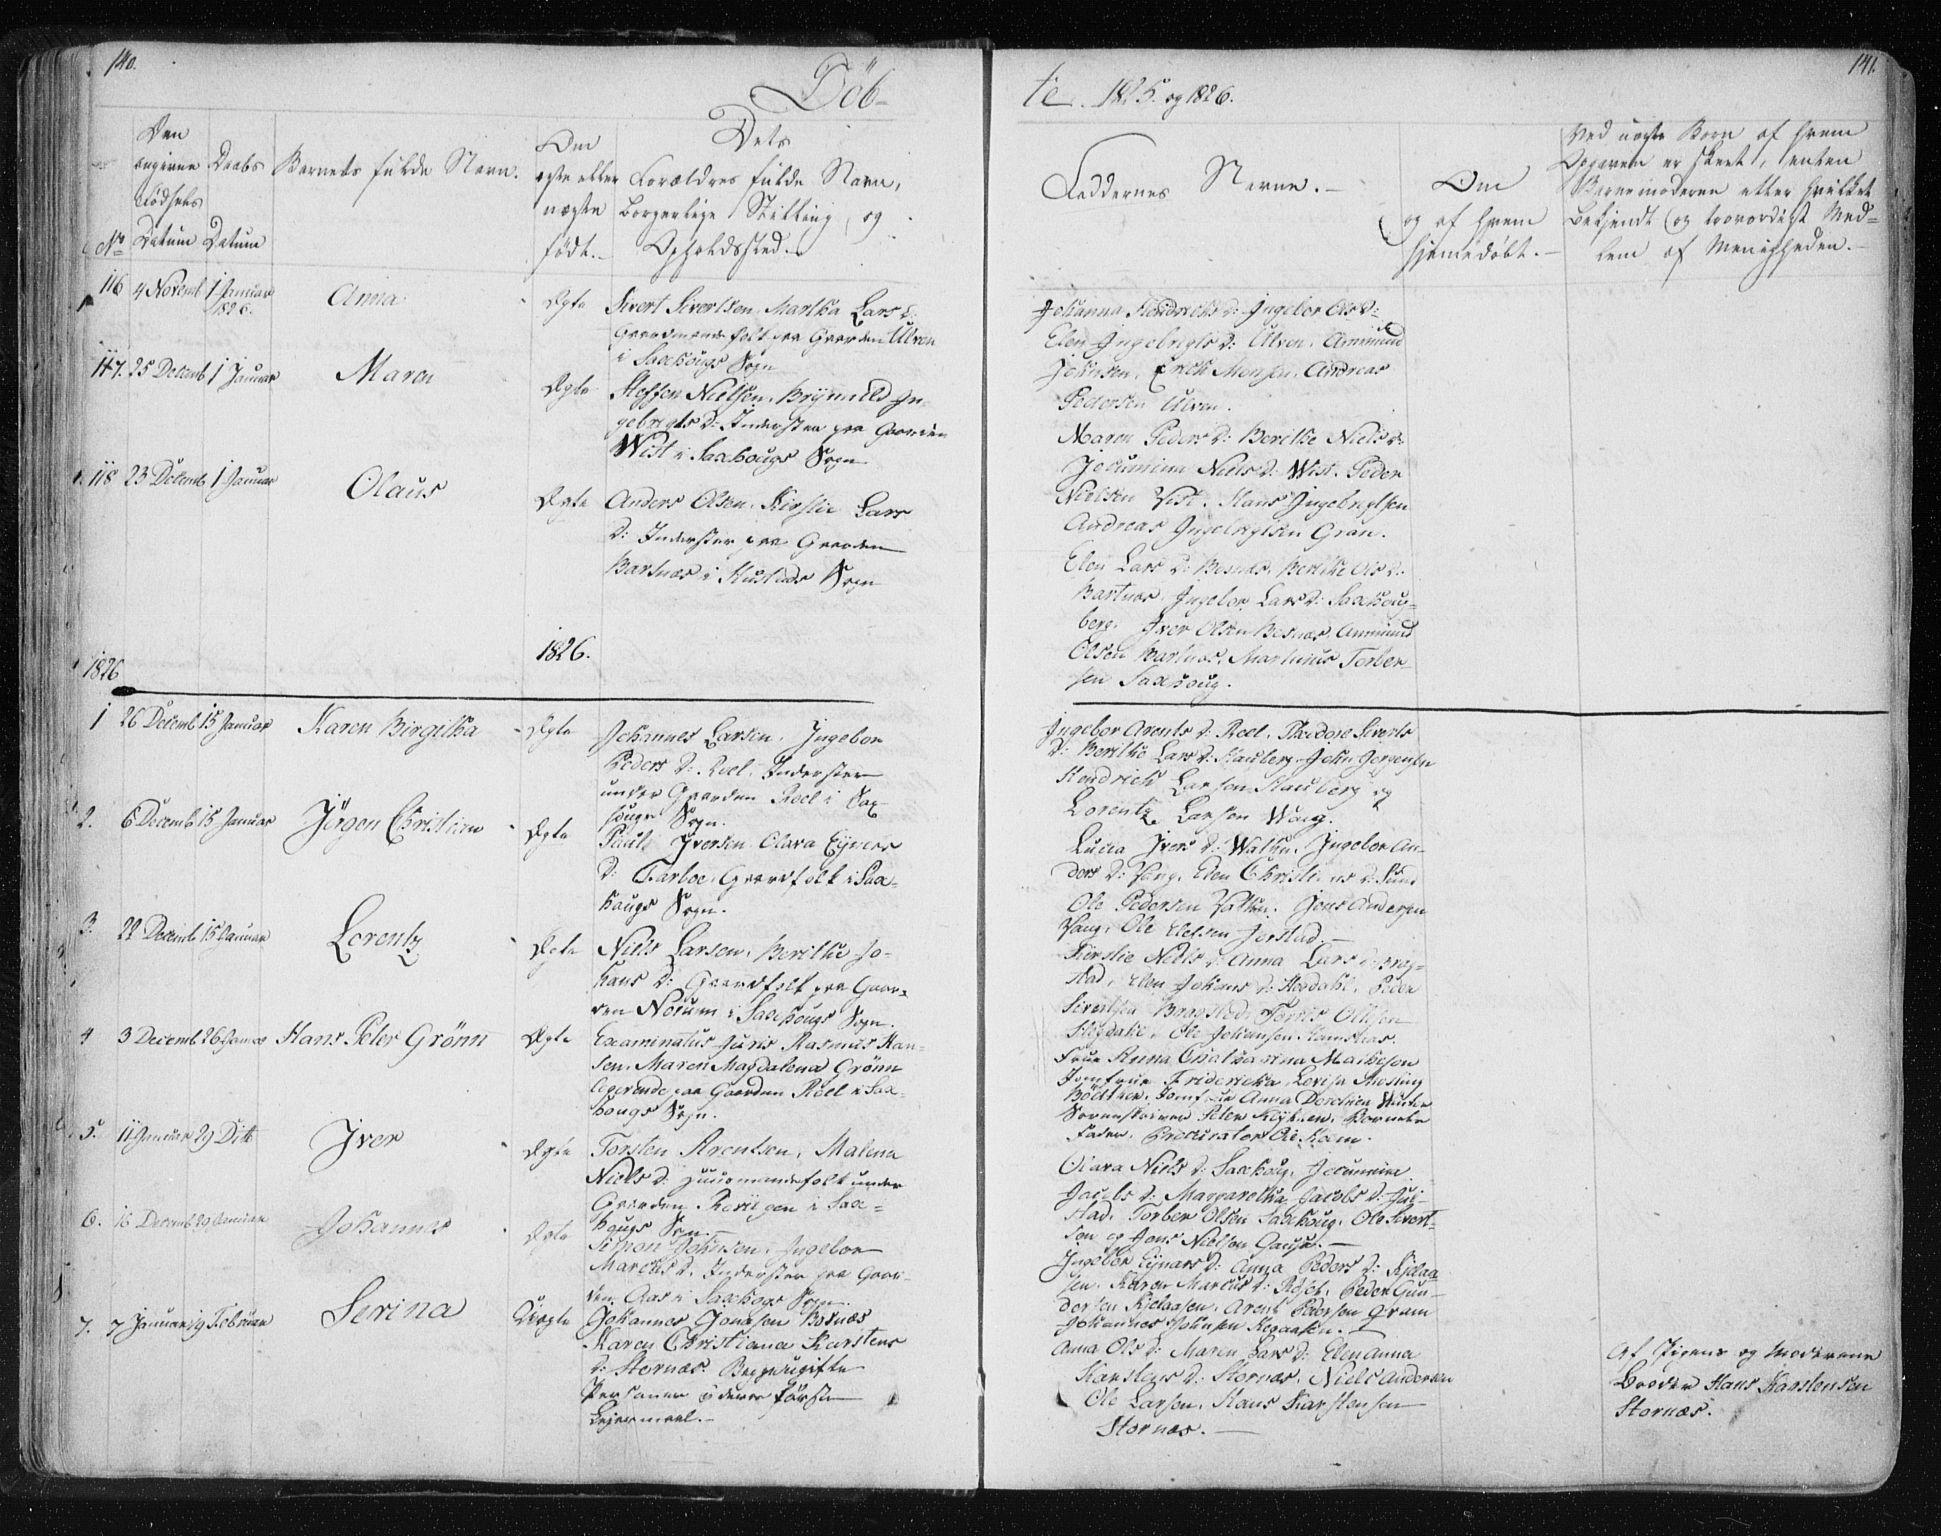 SAT, Ministerialprotokoller, klokkerbøker og fødselsregistre - Nord-Trøndelag, 730/L0276: Ministerialbok nr. 730A05, 1822-1830, s. 140-141